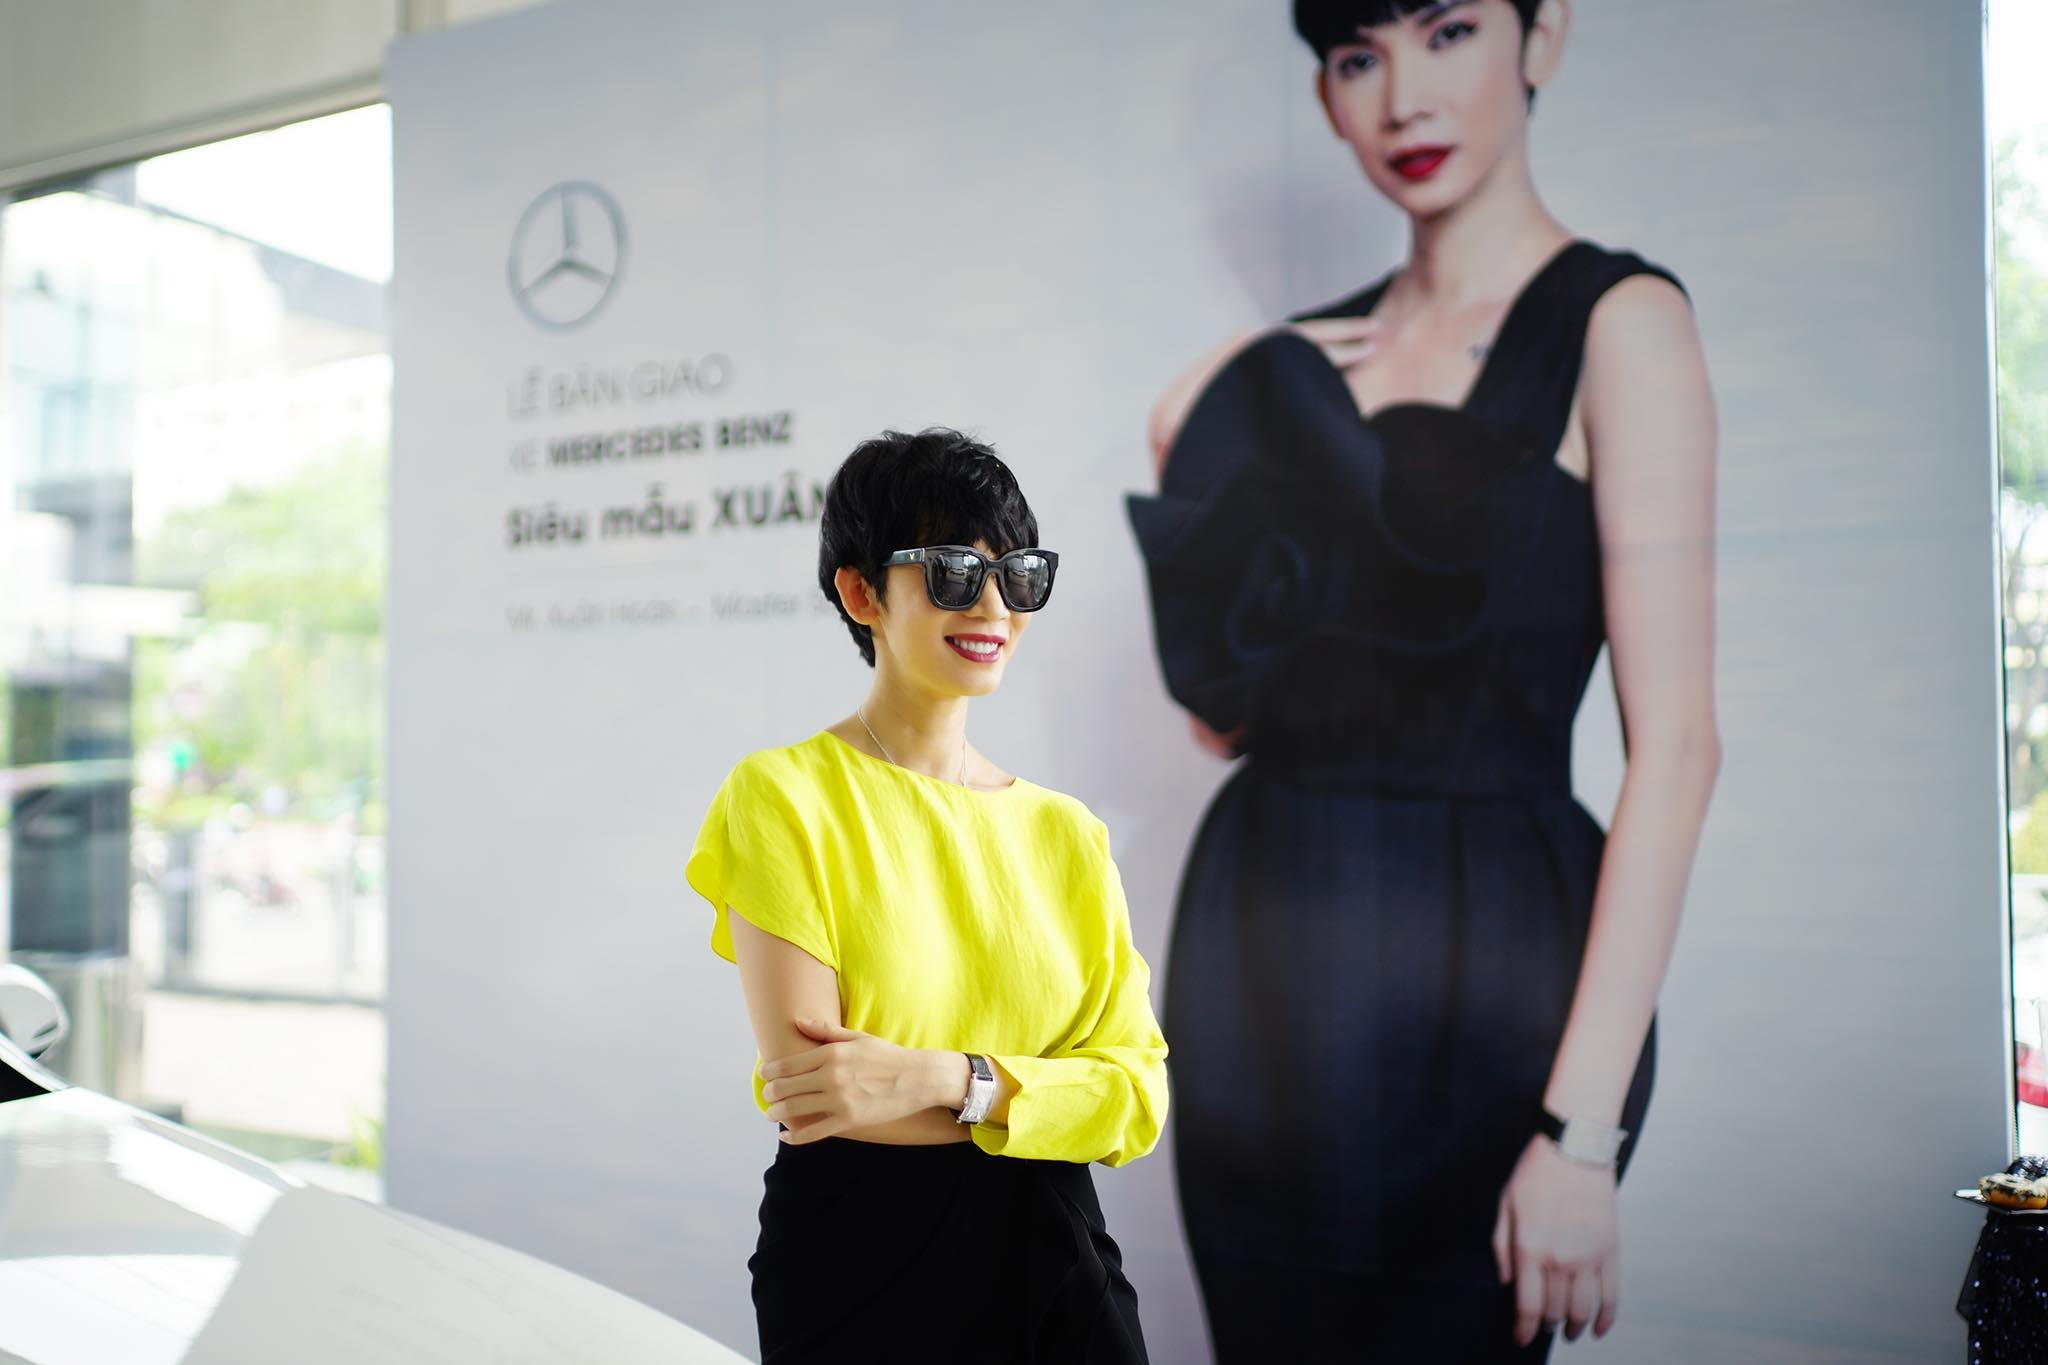 Siêu mẫu Xuân Lan tậu xe Mercedes-Benz E200 hơn 2 tỷ đồng - 09